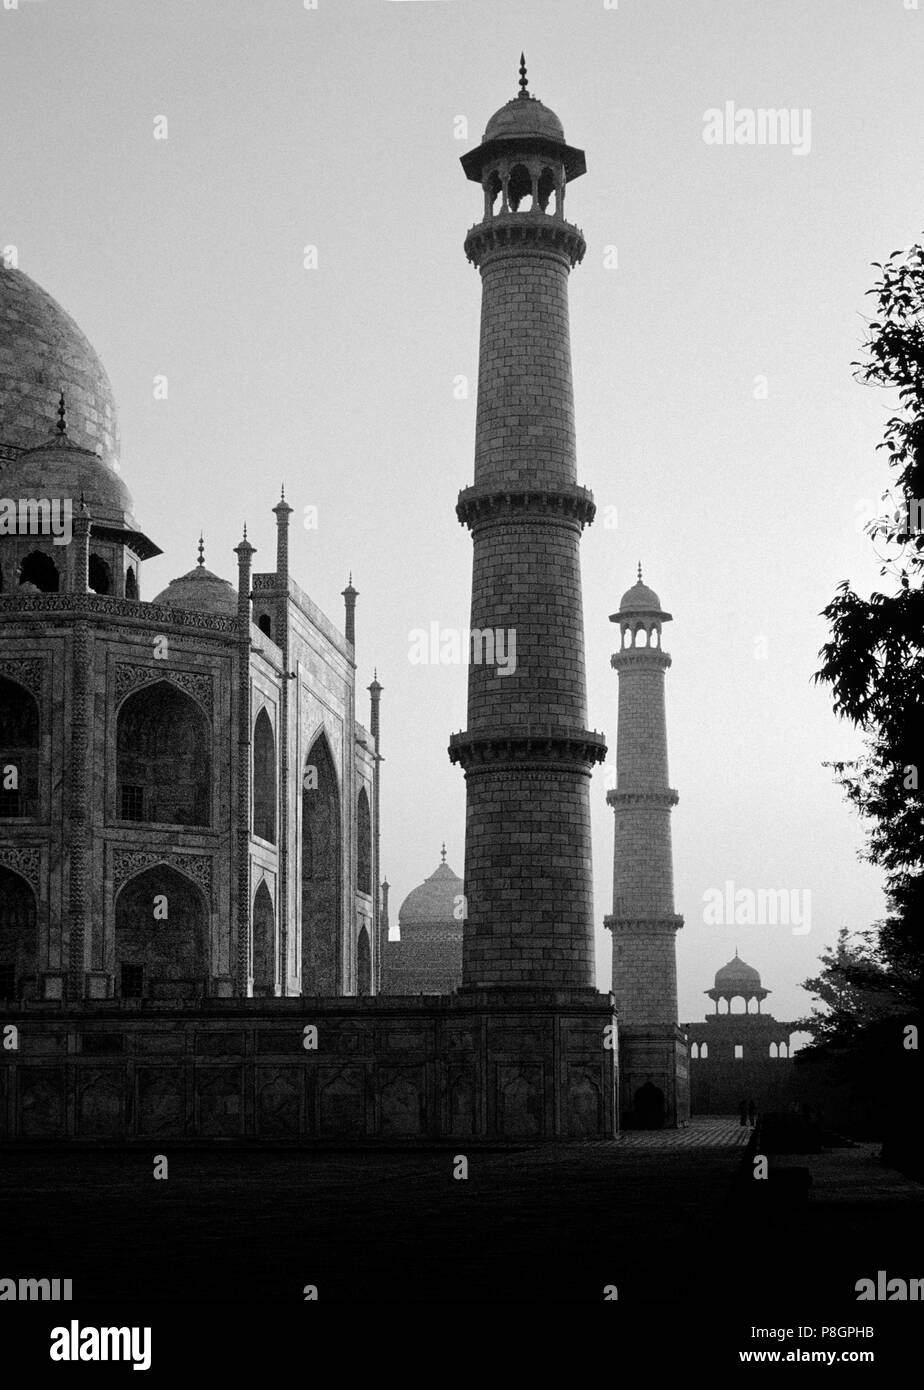 Amanecer en los minaretes en el Taj Mahal, en Agra, India Imagen De Stock